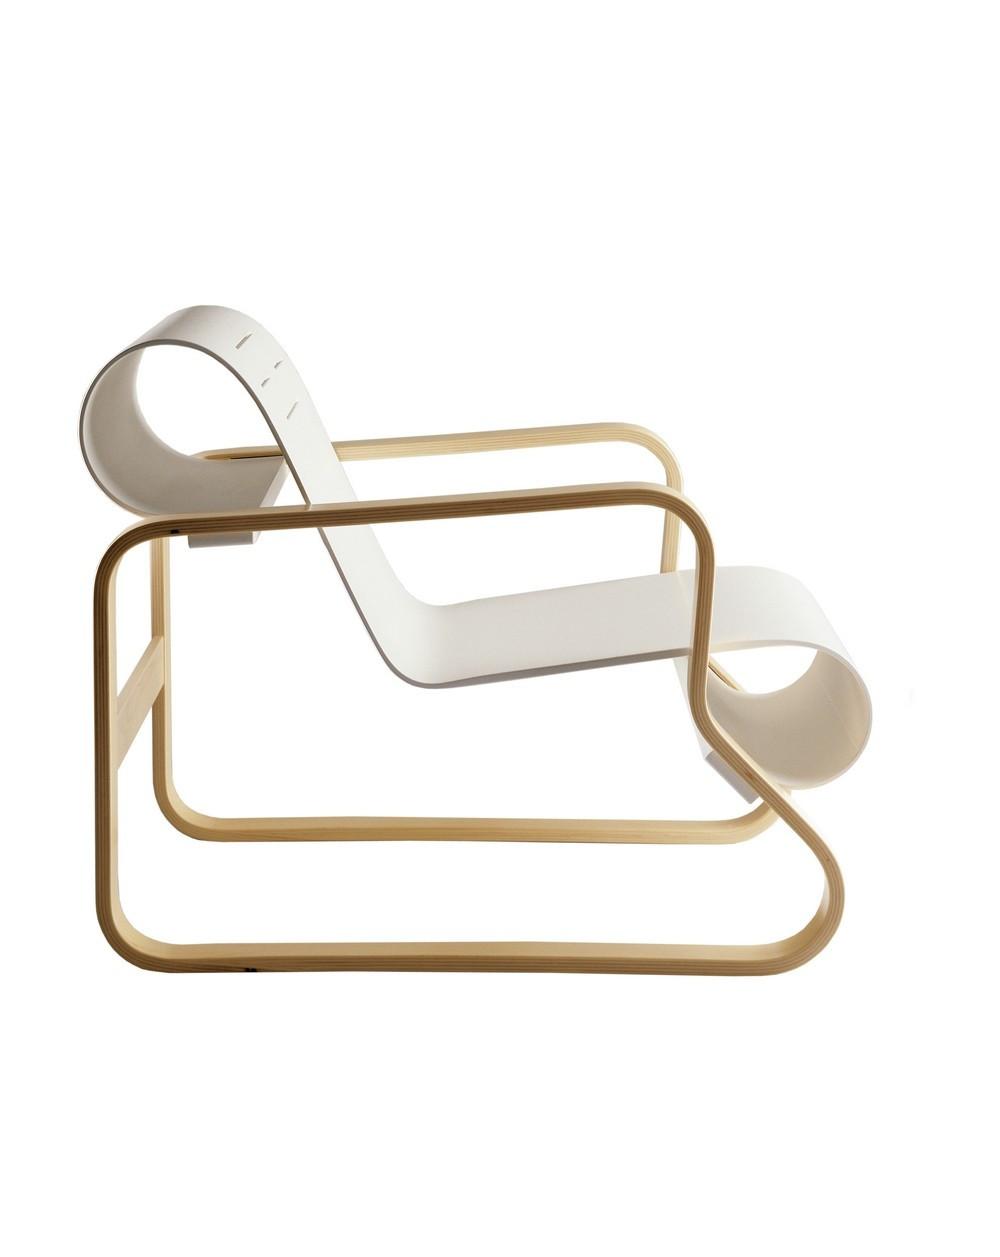 Fauteuil Paimio 41 Design Alvar Aalto pour Artek